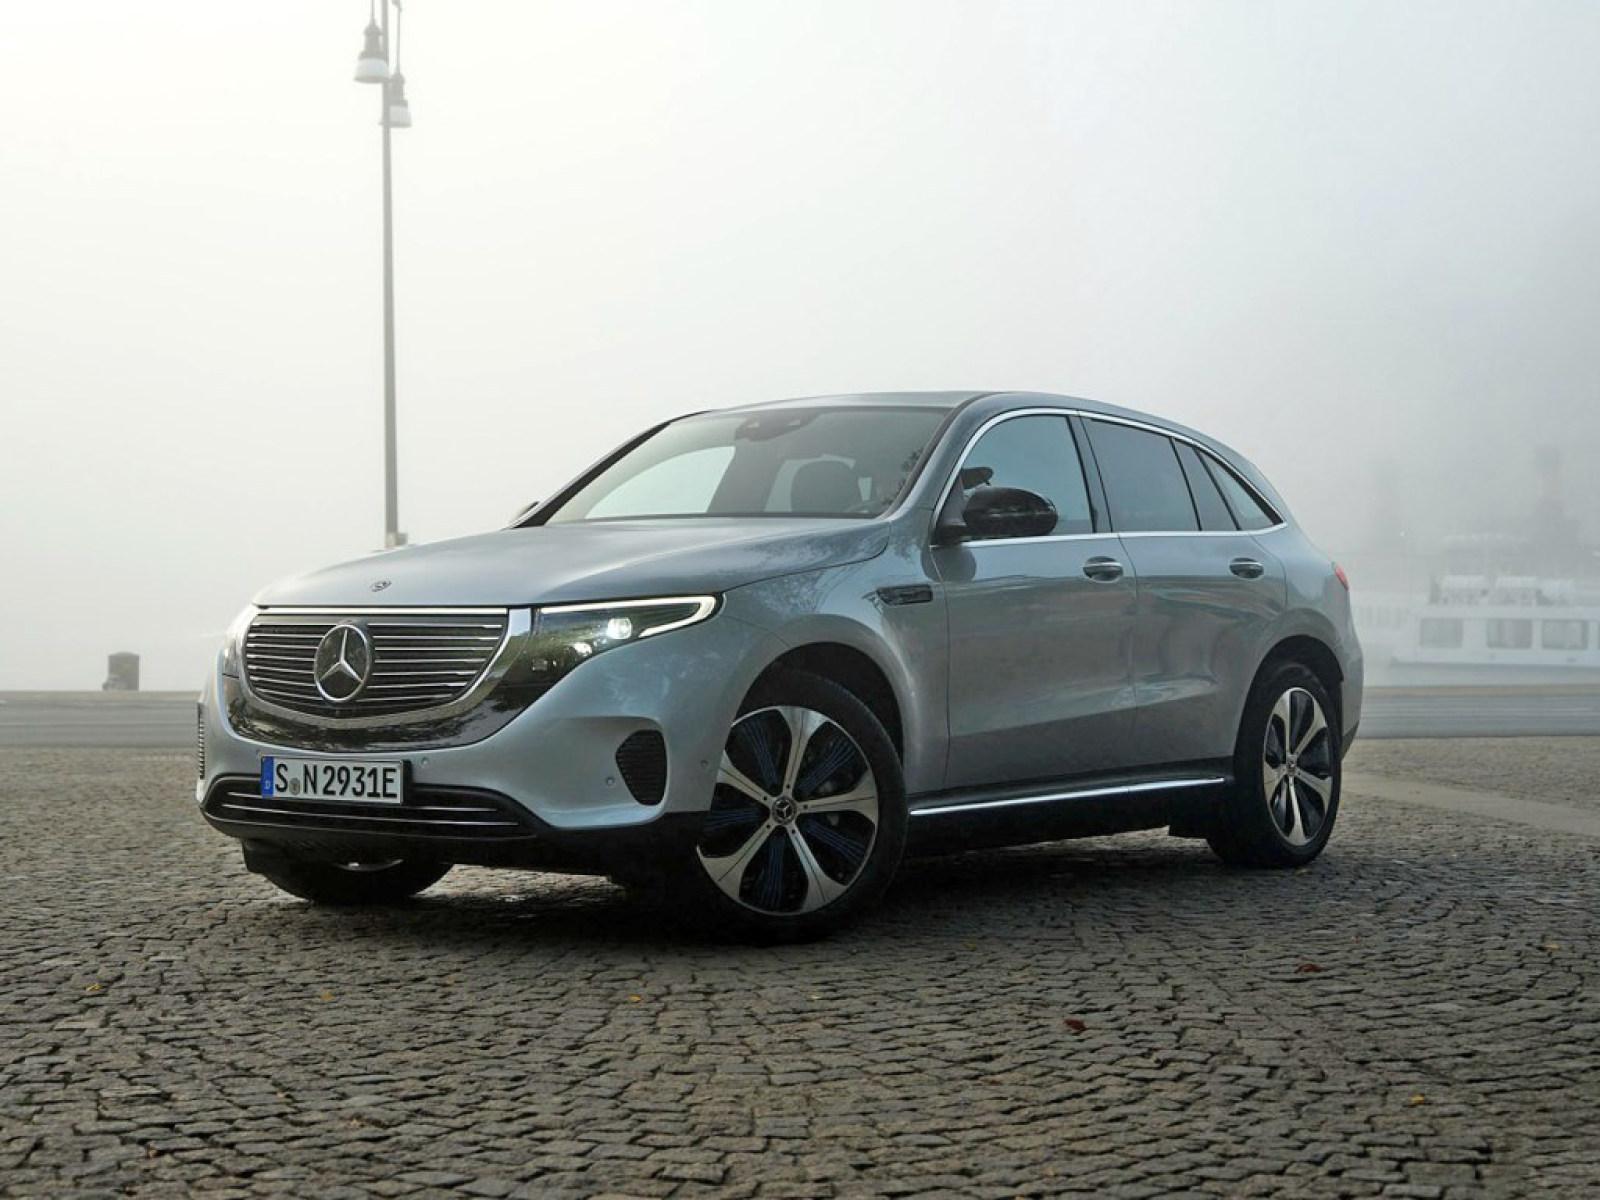 最大续航360km 奔驰将推全新国产电动SUV车型